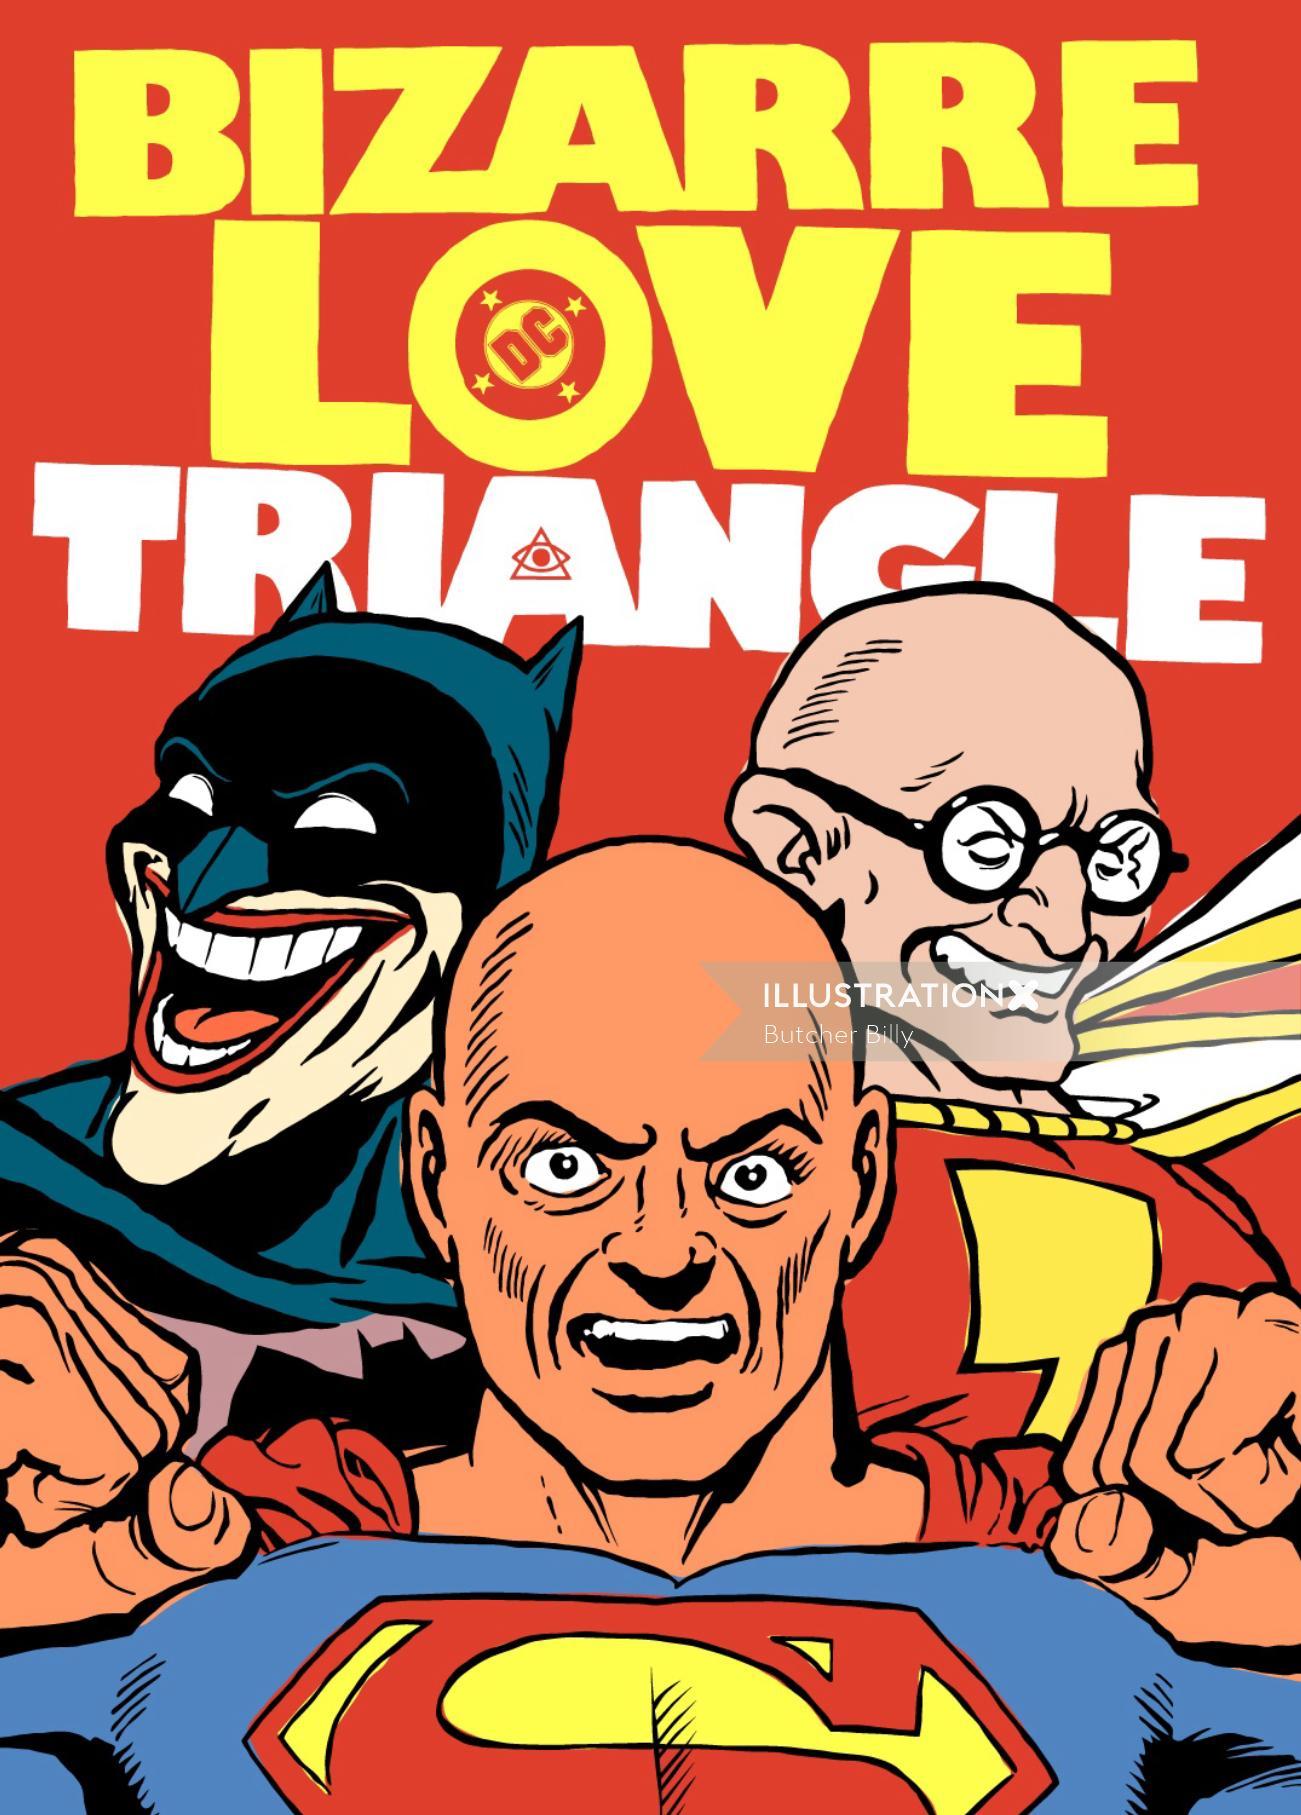 Bizarre Love Triangle retro poster